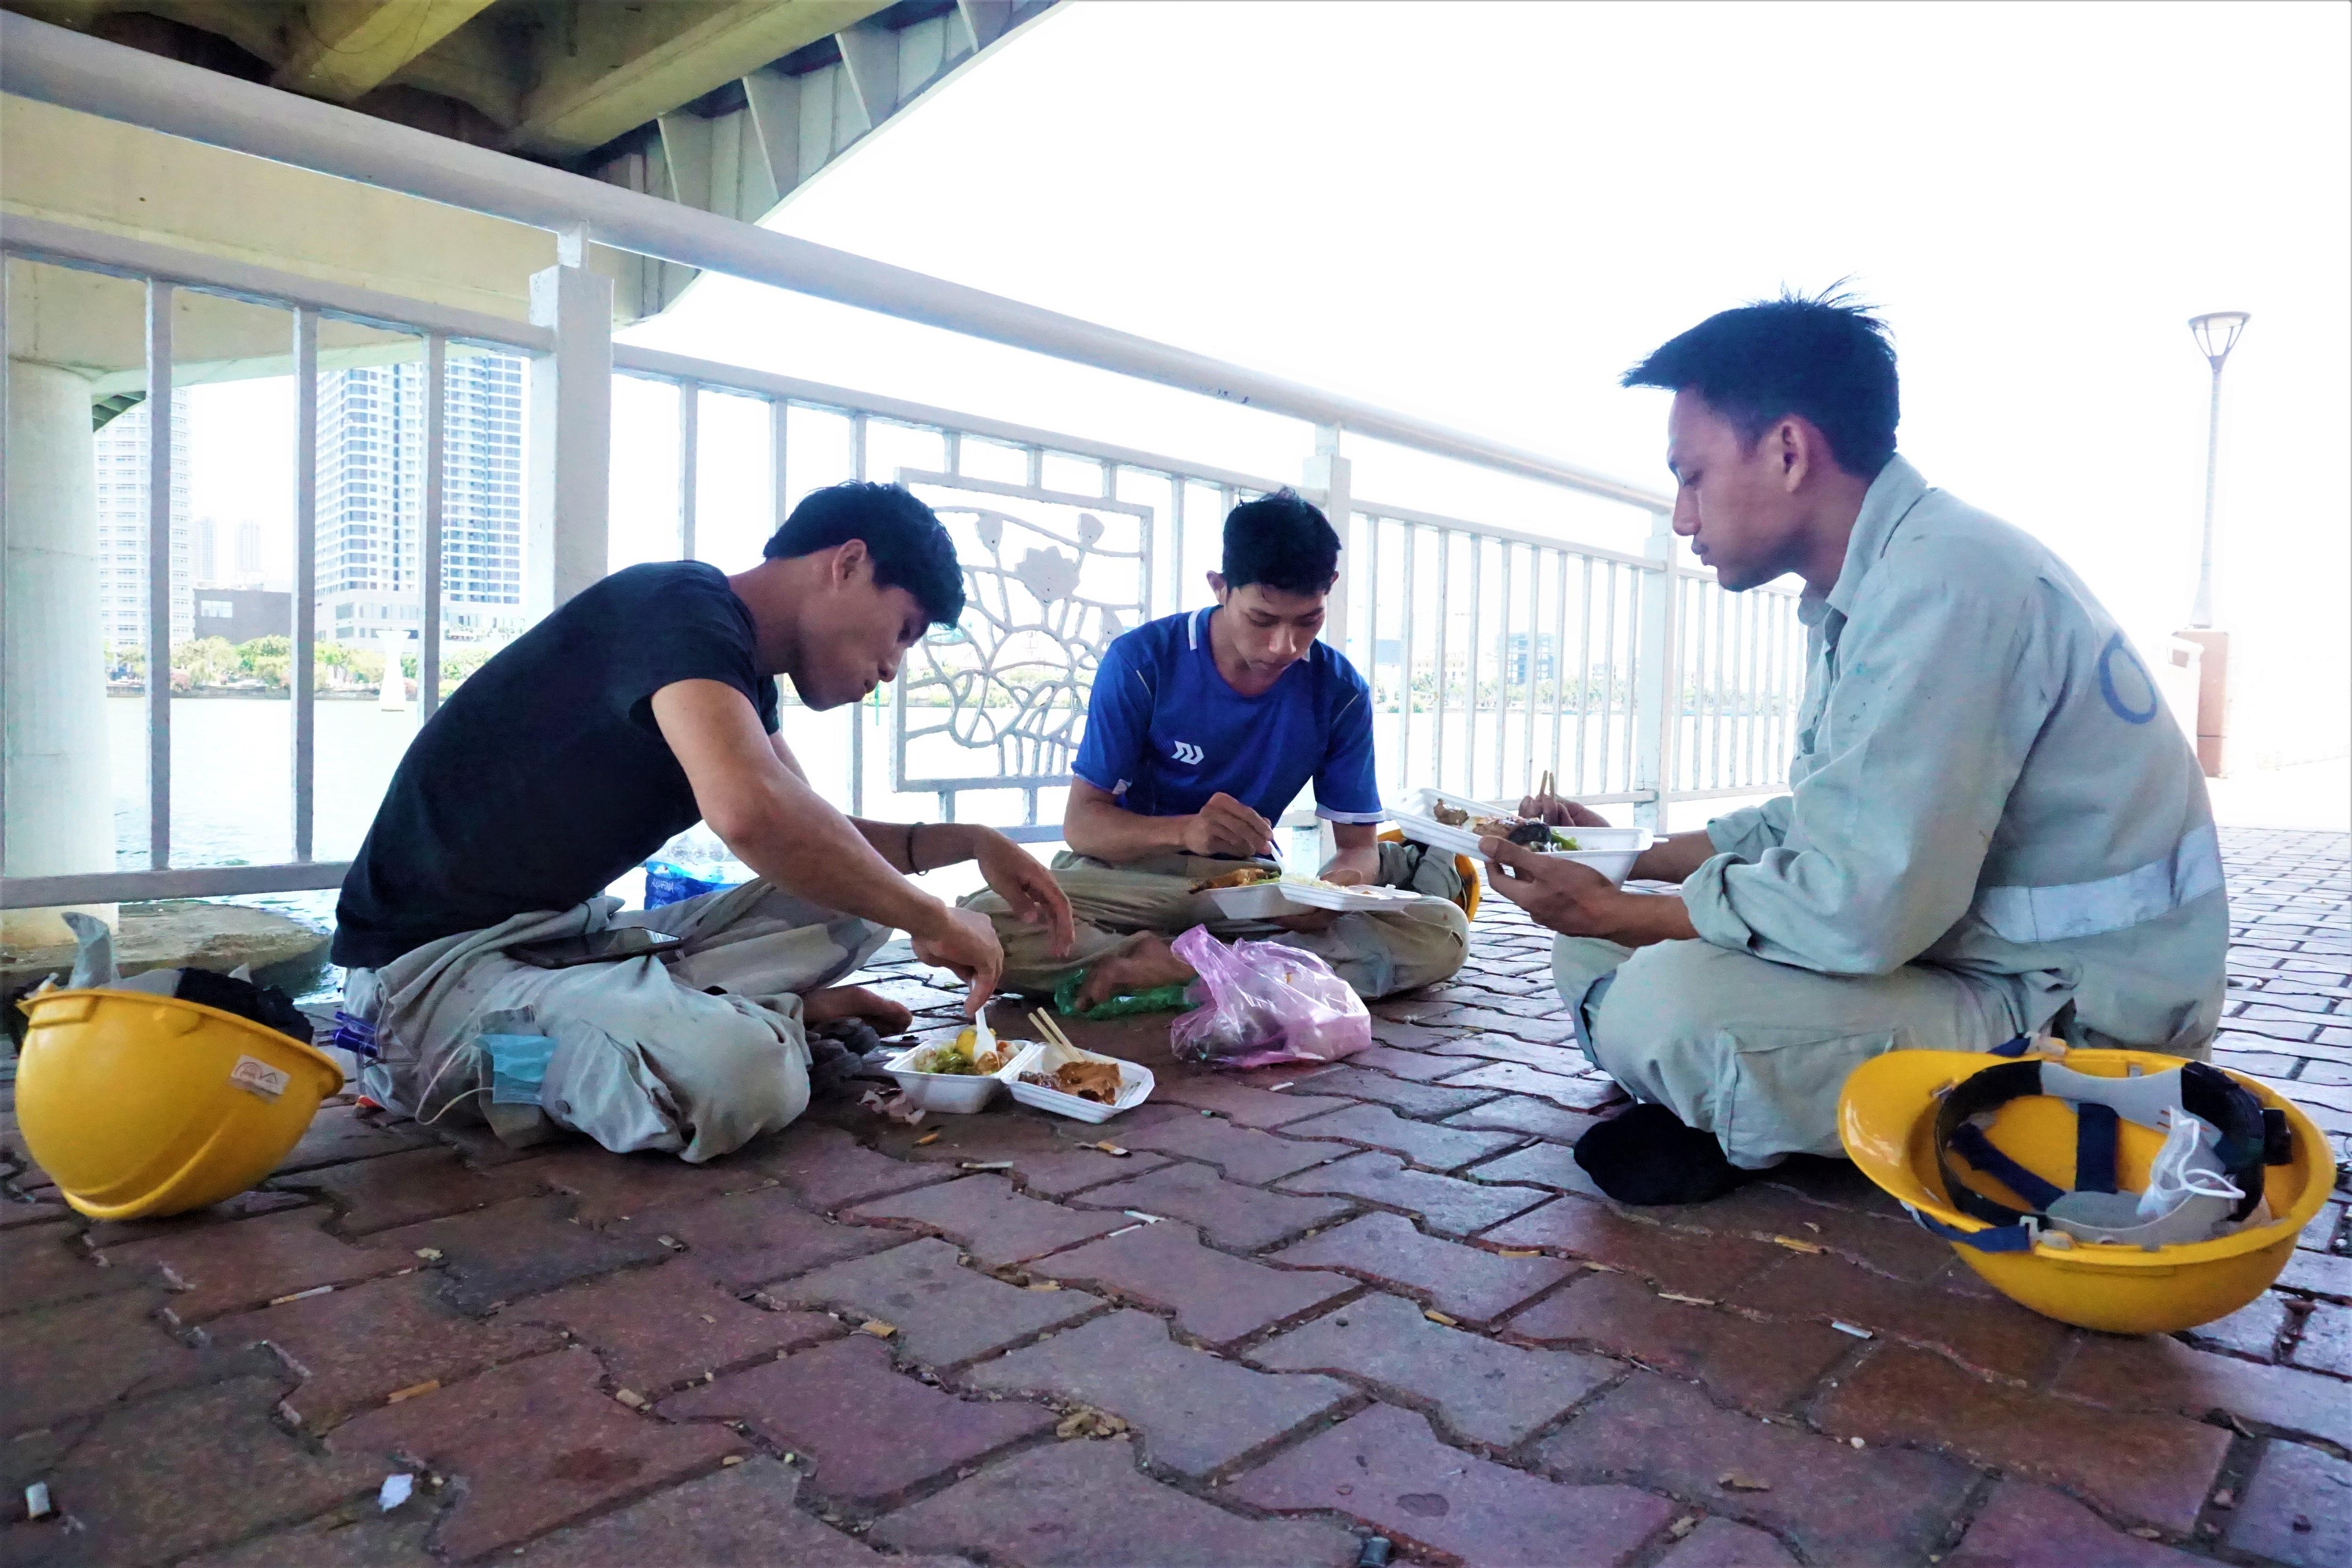 Bữa ăn nơi gầm cầu và giấc ngủ 3 không giữa mùa dịch Covid-19 - 1